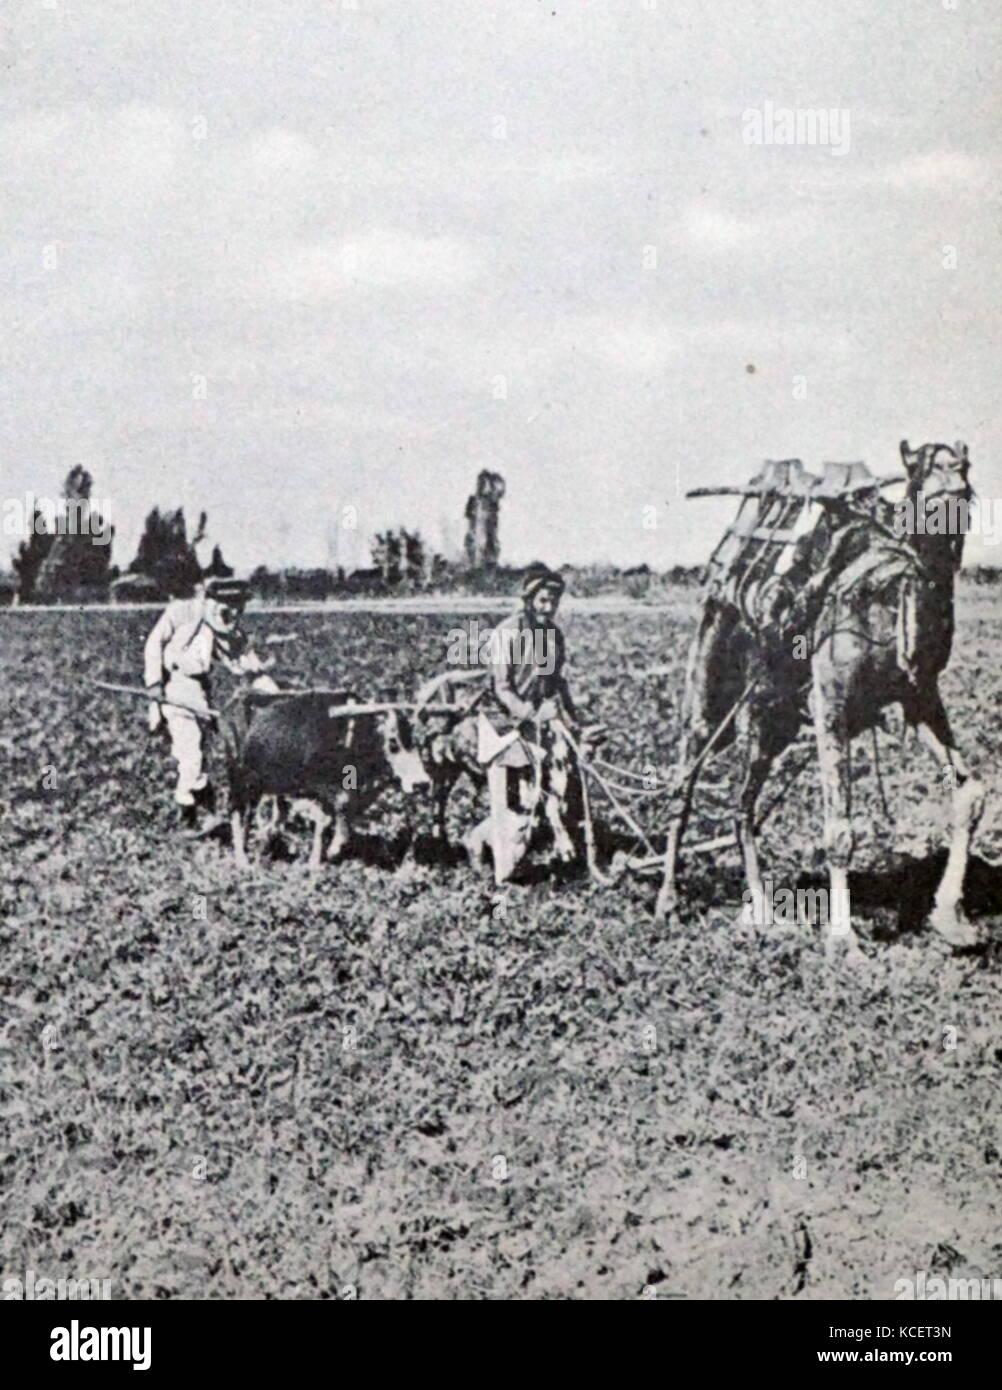 Comunidad Judía de finales del siglo XIX en el distrito central de Israel hacia 1885 Imagen De Stock